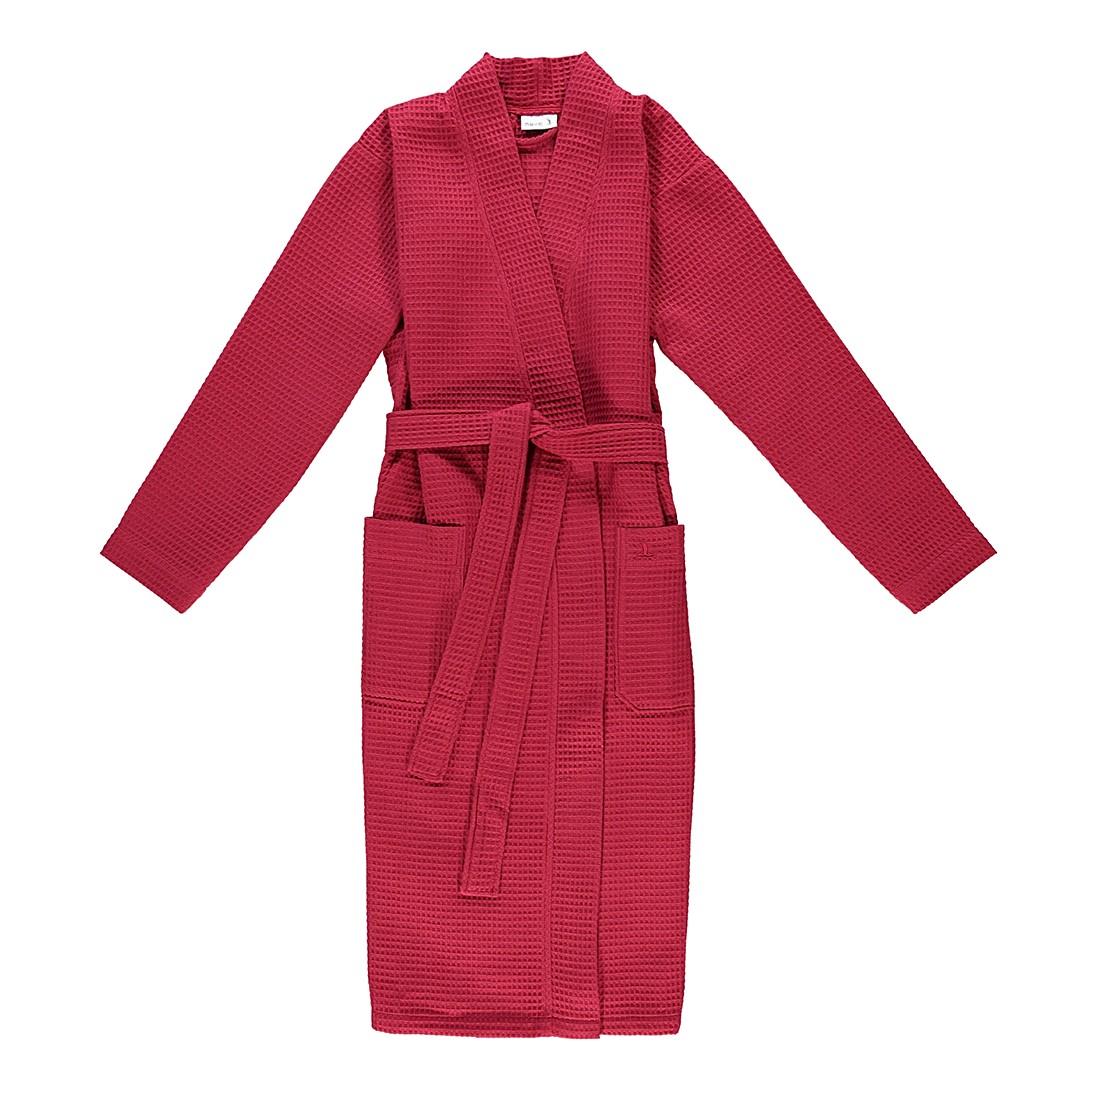 Bademantel unisex Pique Homewear – 100% Baumwolle ruby – 075 – Größe: S, Möve günstig online kaufen